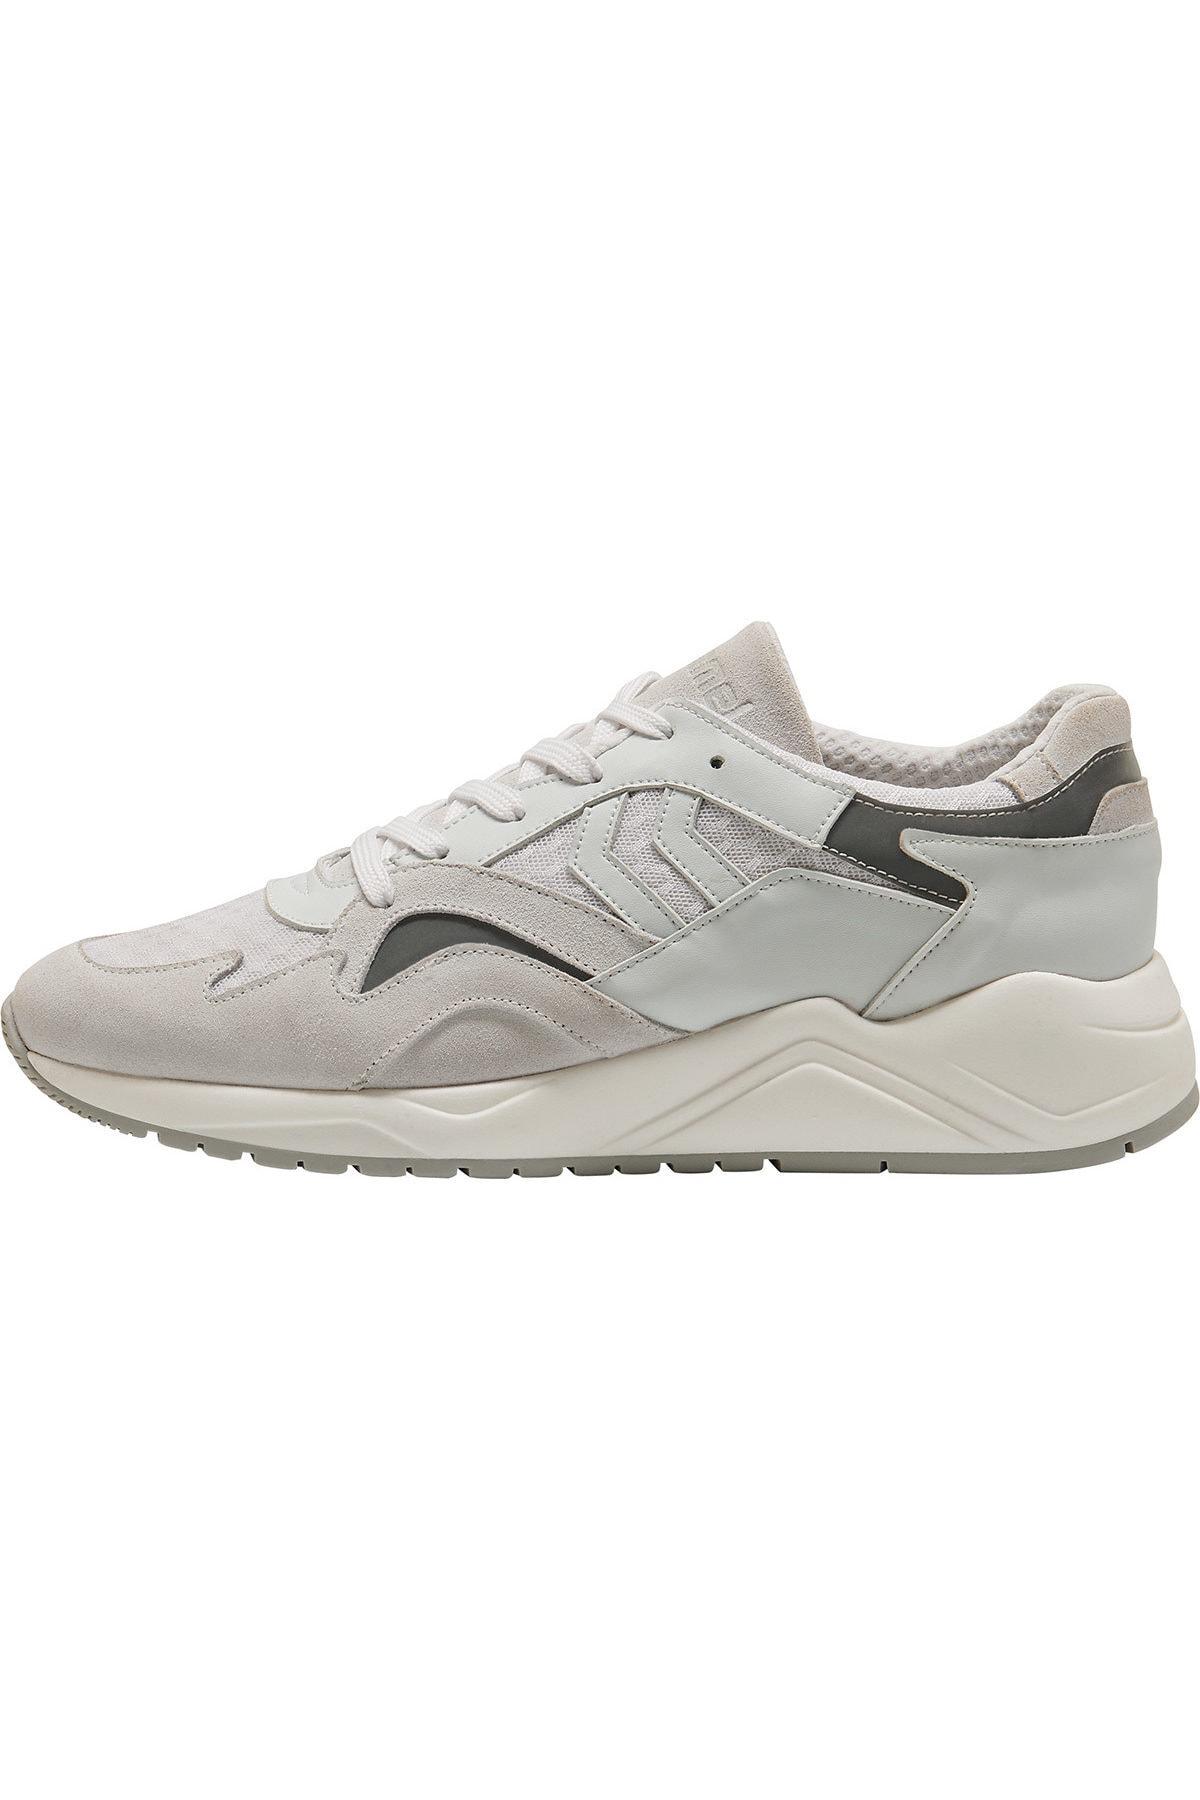 HUMMEL Edmonton Premıum  Unisex  Beyaz Spor Ayakkabı 1